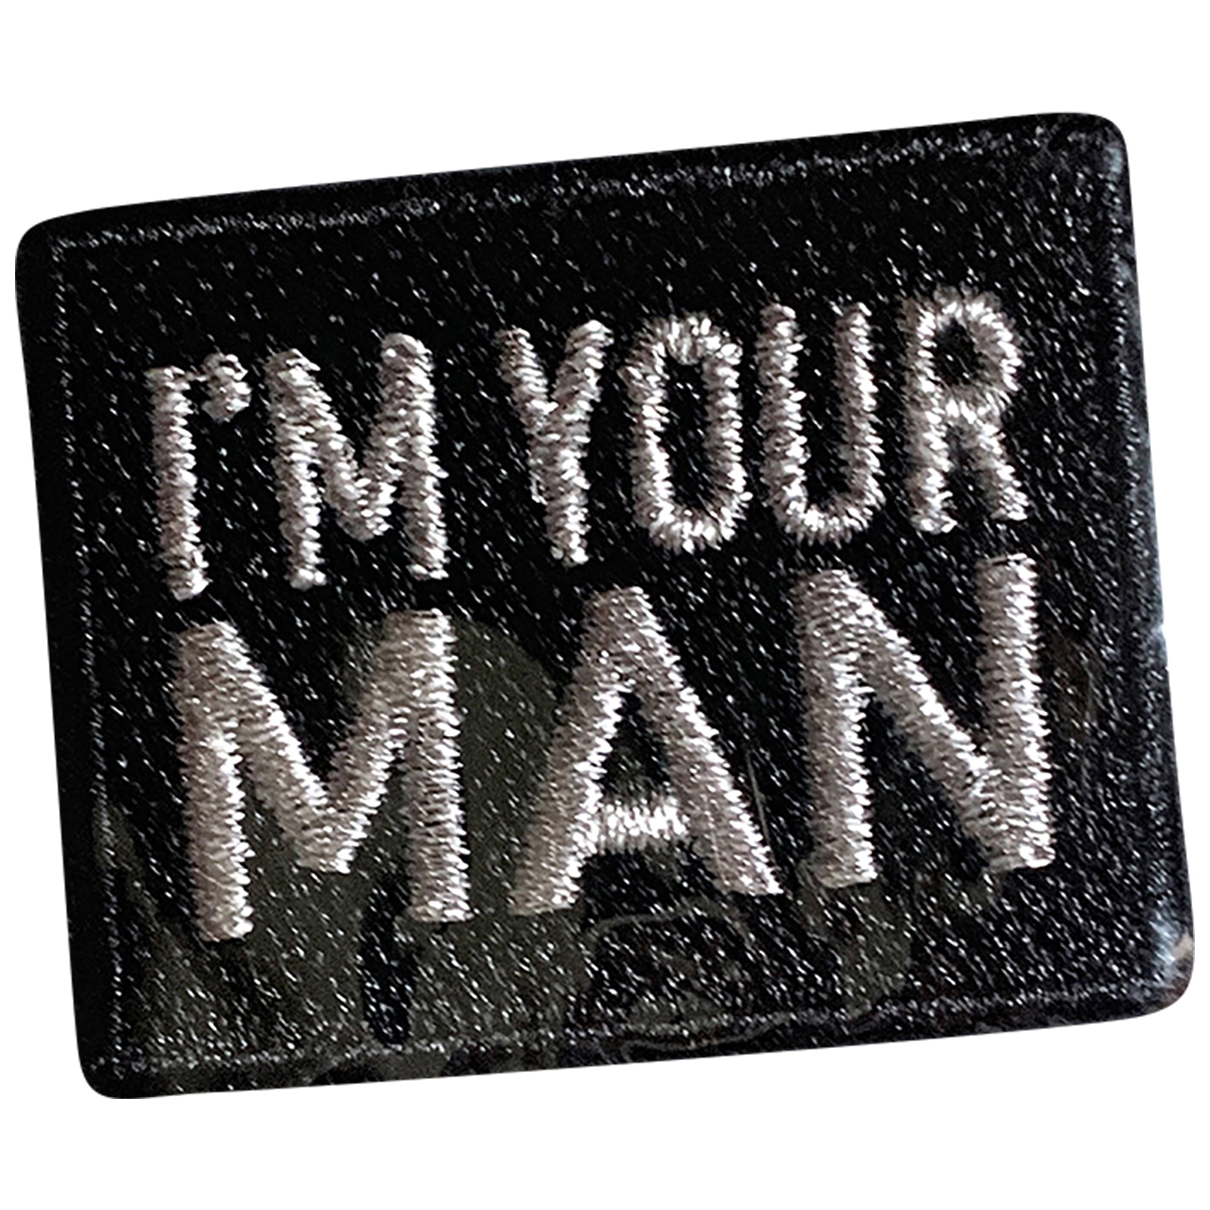 Dior Homme - Bijoux   pour homme - noir